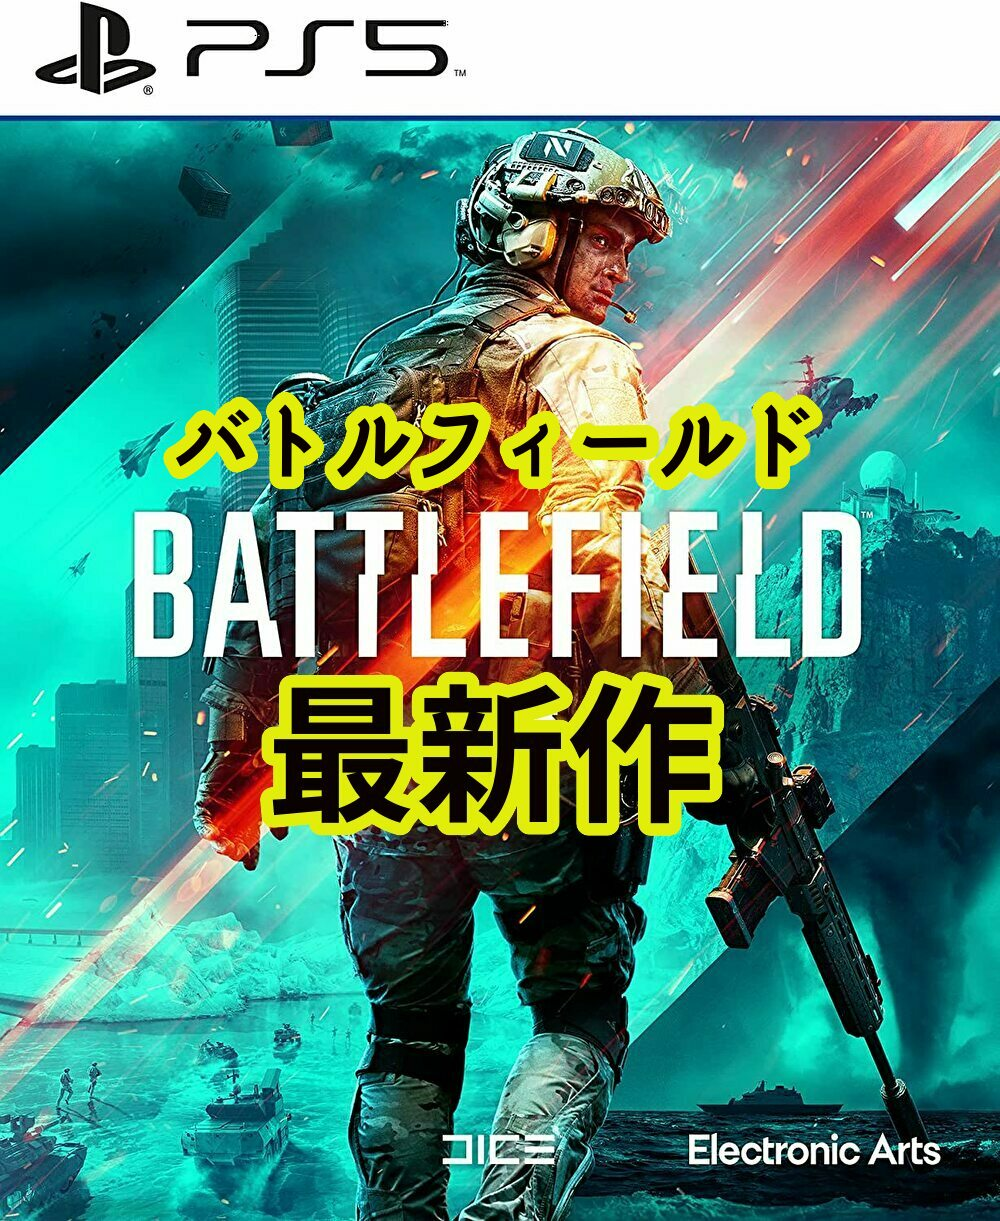 バトルフィールド最新作が発売決定&予約開始!【PS5 PS4 Battlefield 2042】